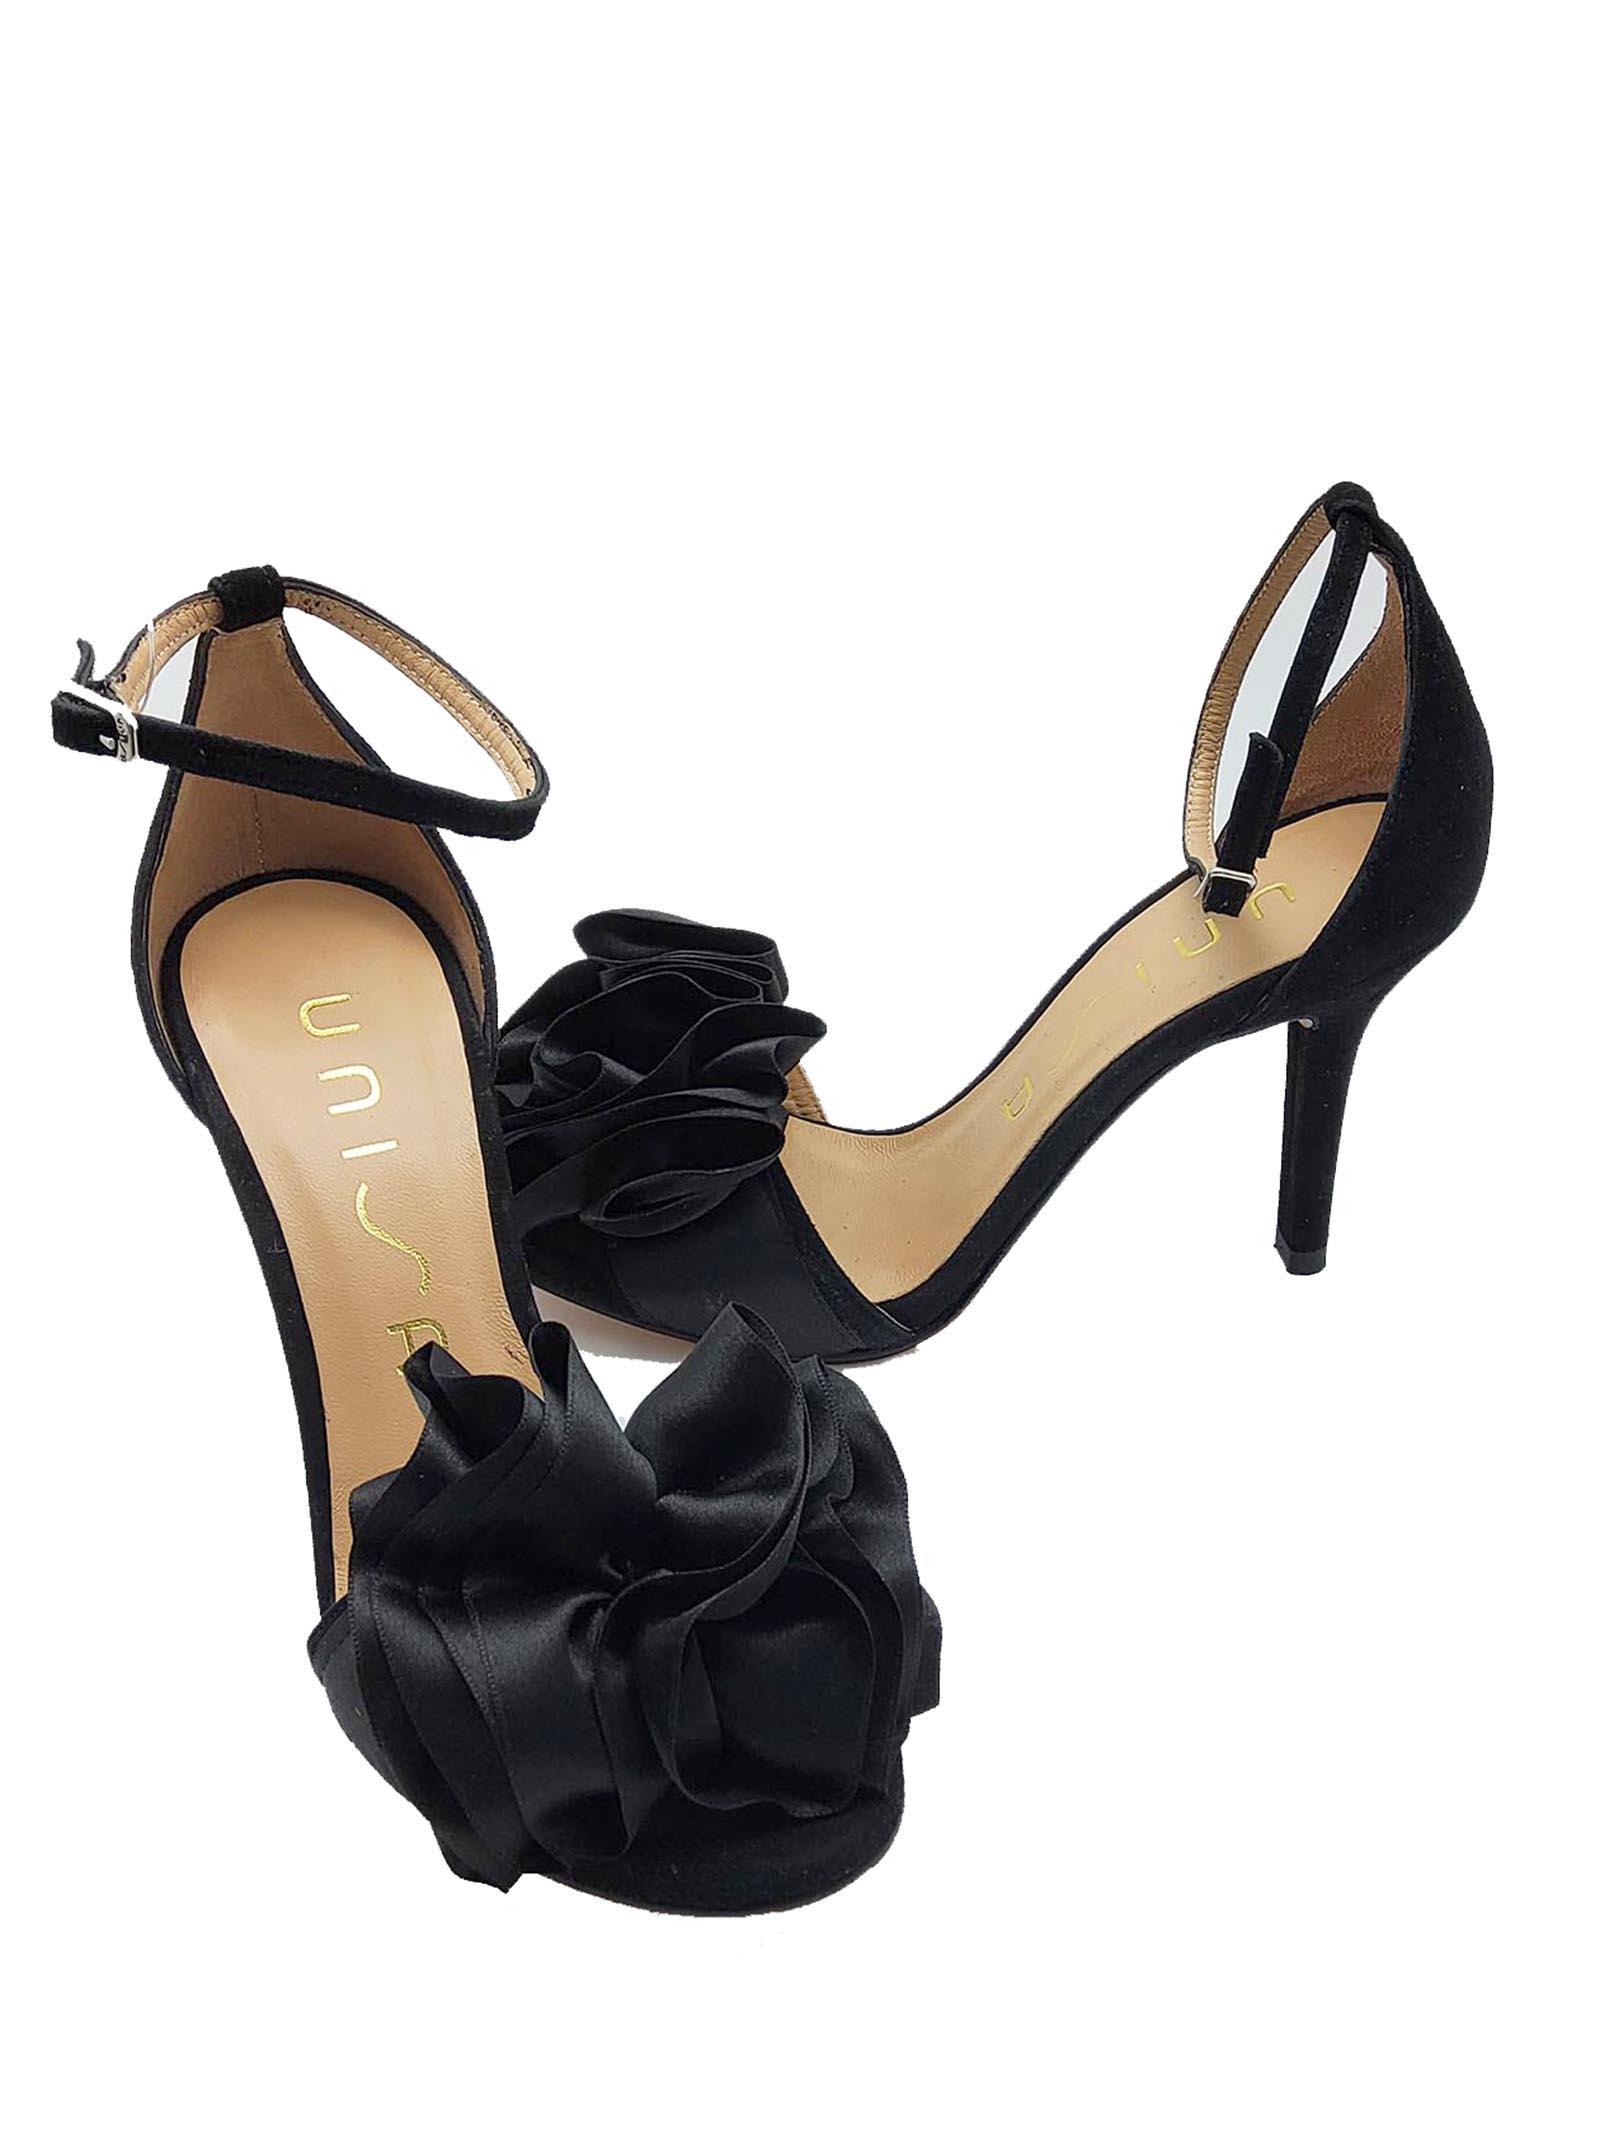 Calzature Donna Dècollètè In Camoscio Nero Con Fiore sulla Punta e Cinturini sulla caviglia Unisa   Sandali   YOSEBANERO